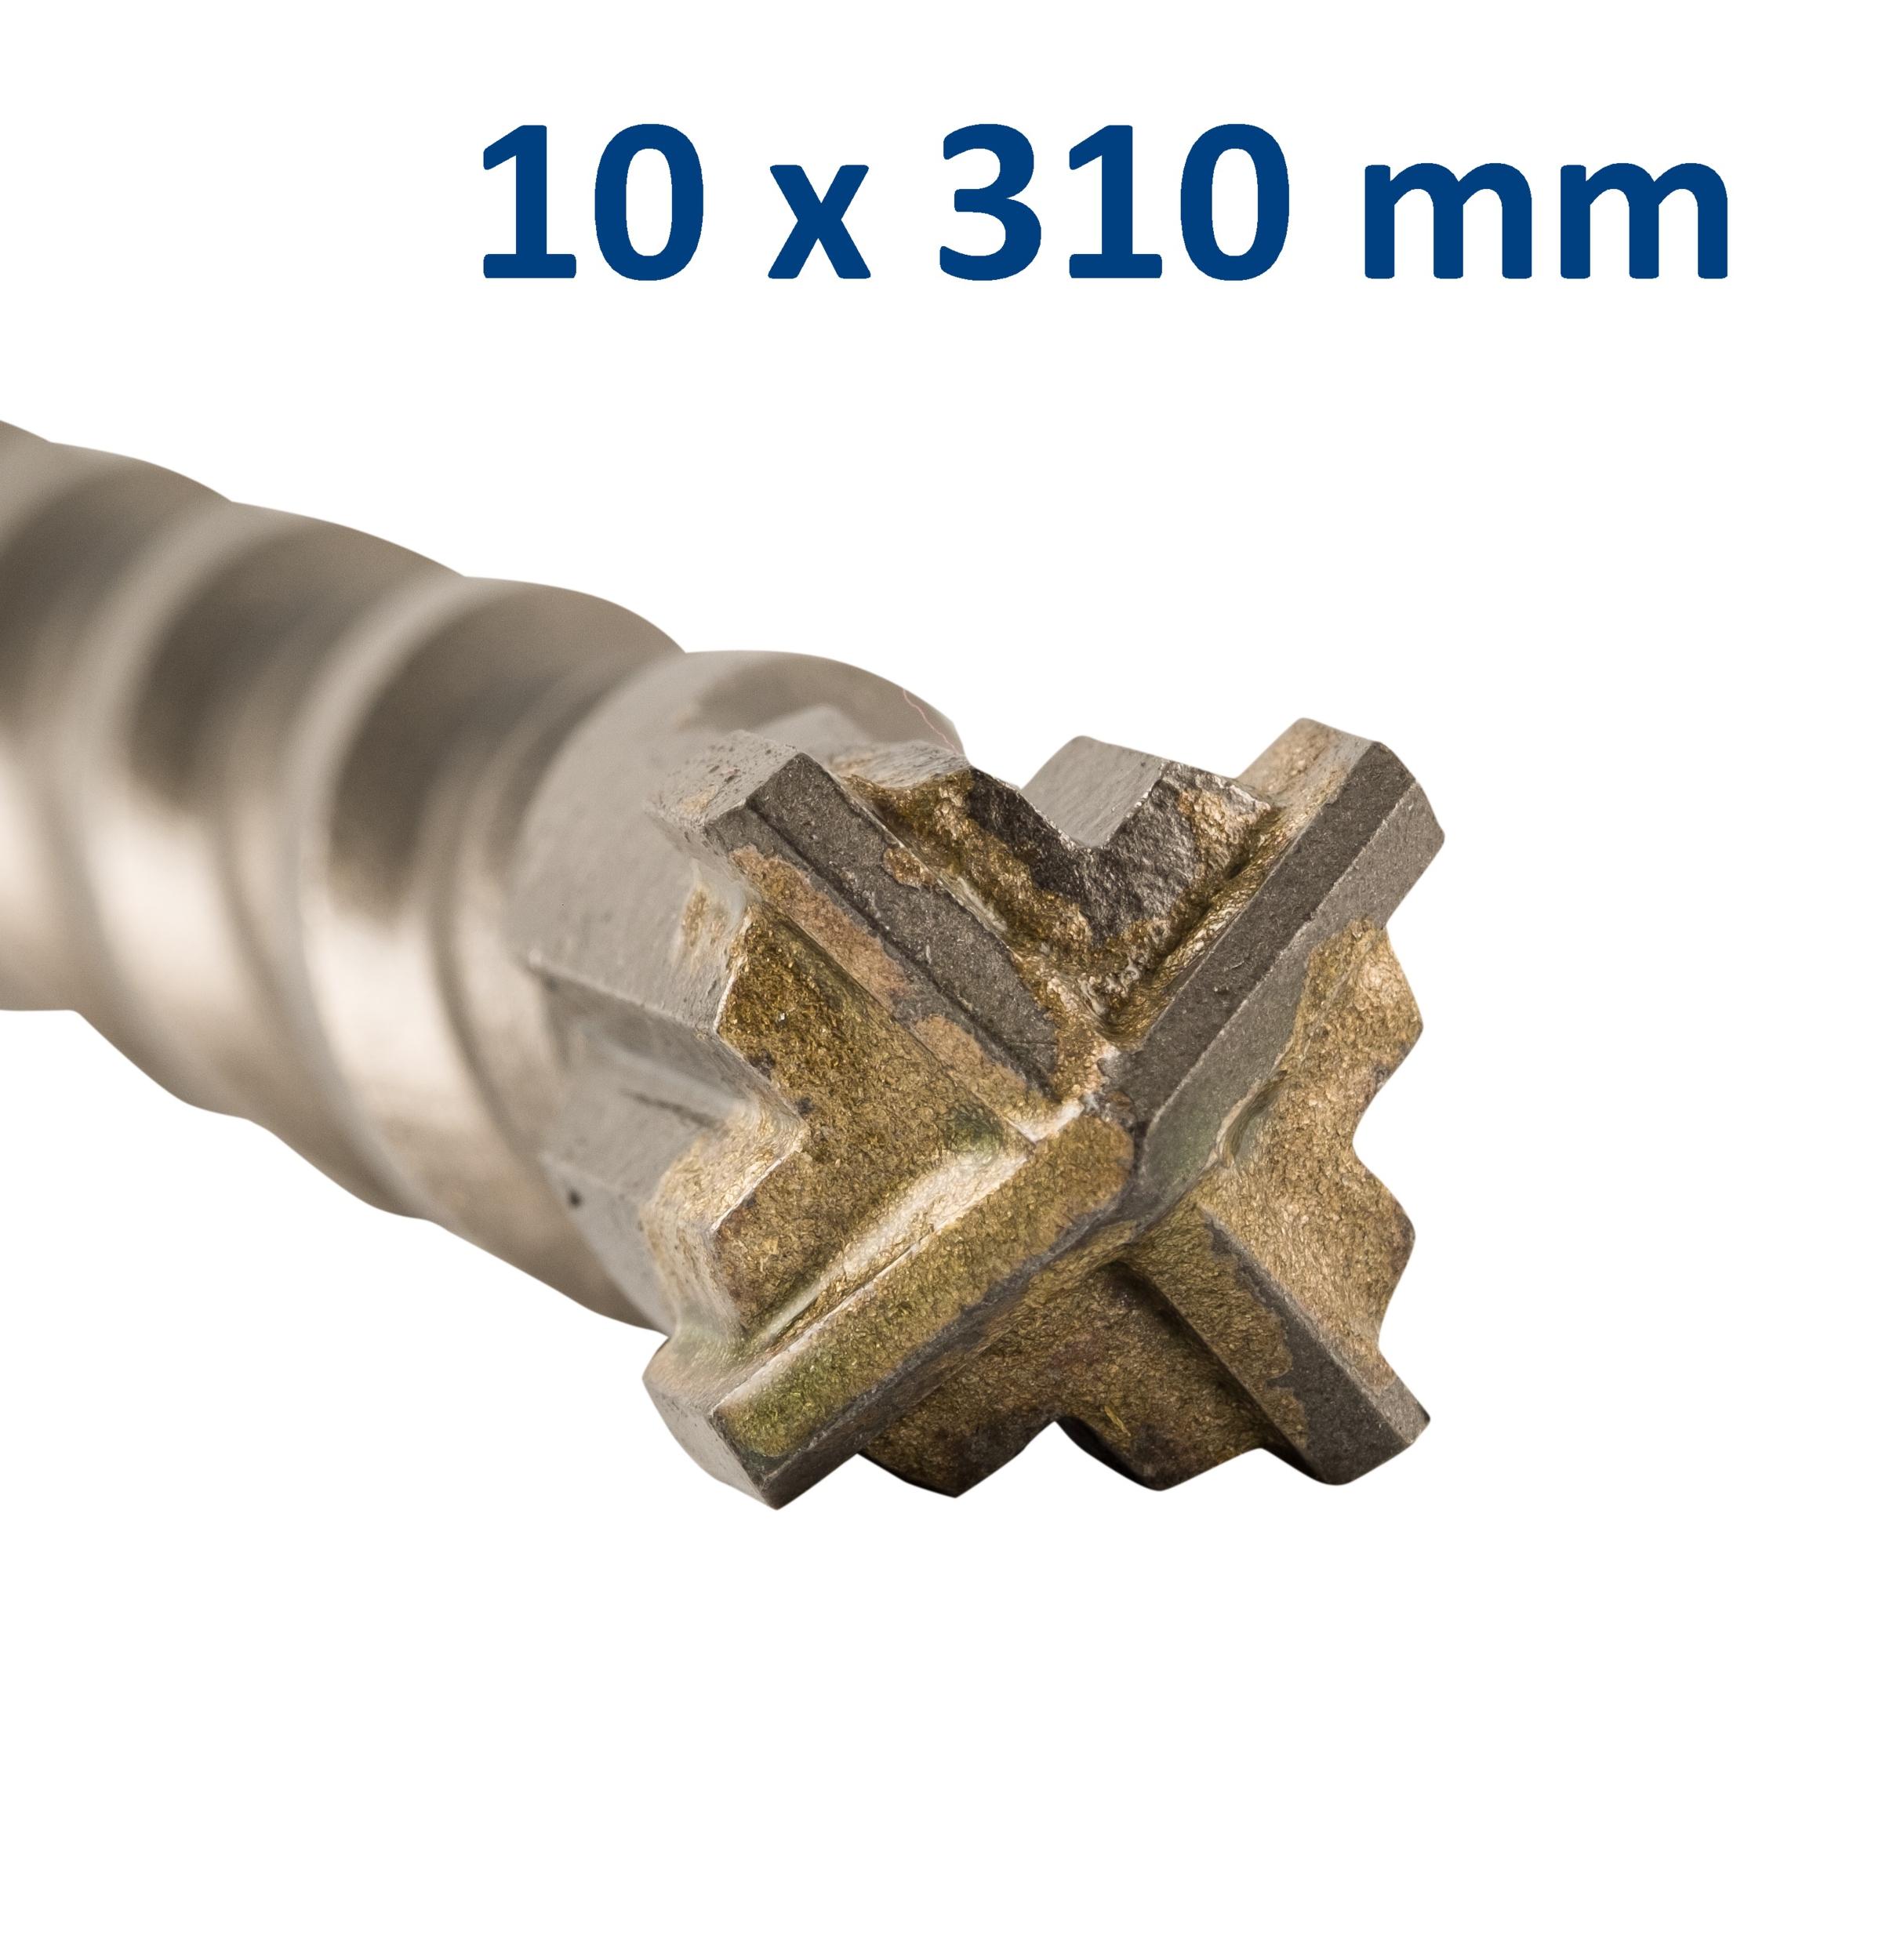 Foret-mèche SDS Plus pointe en croix 10x310 mm